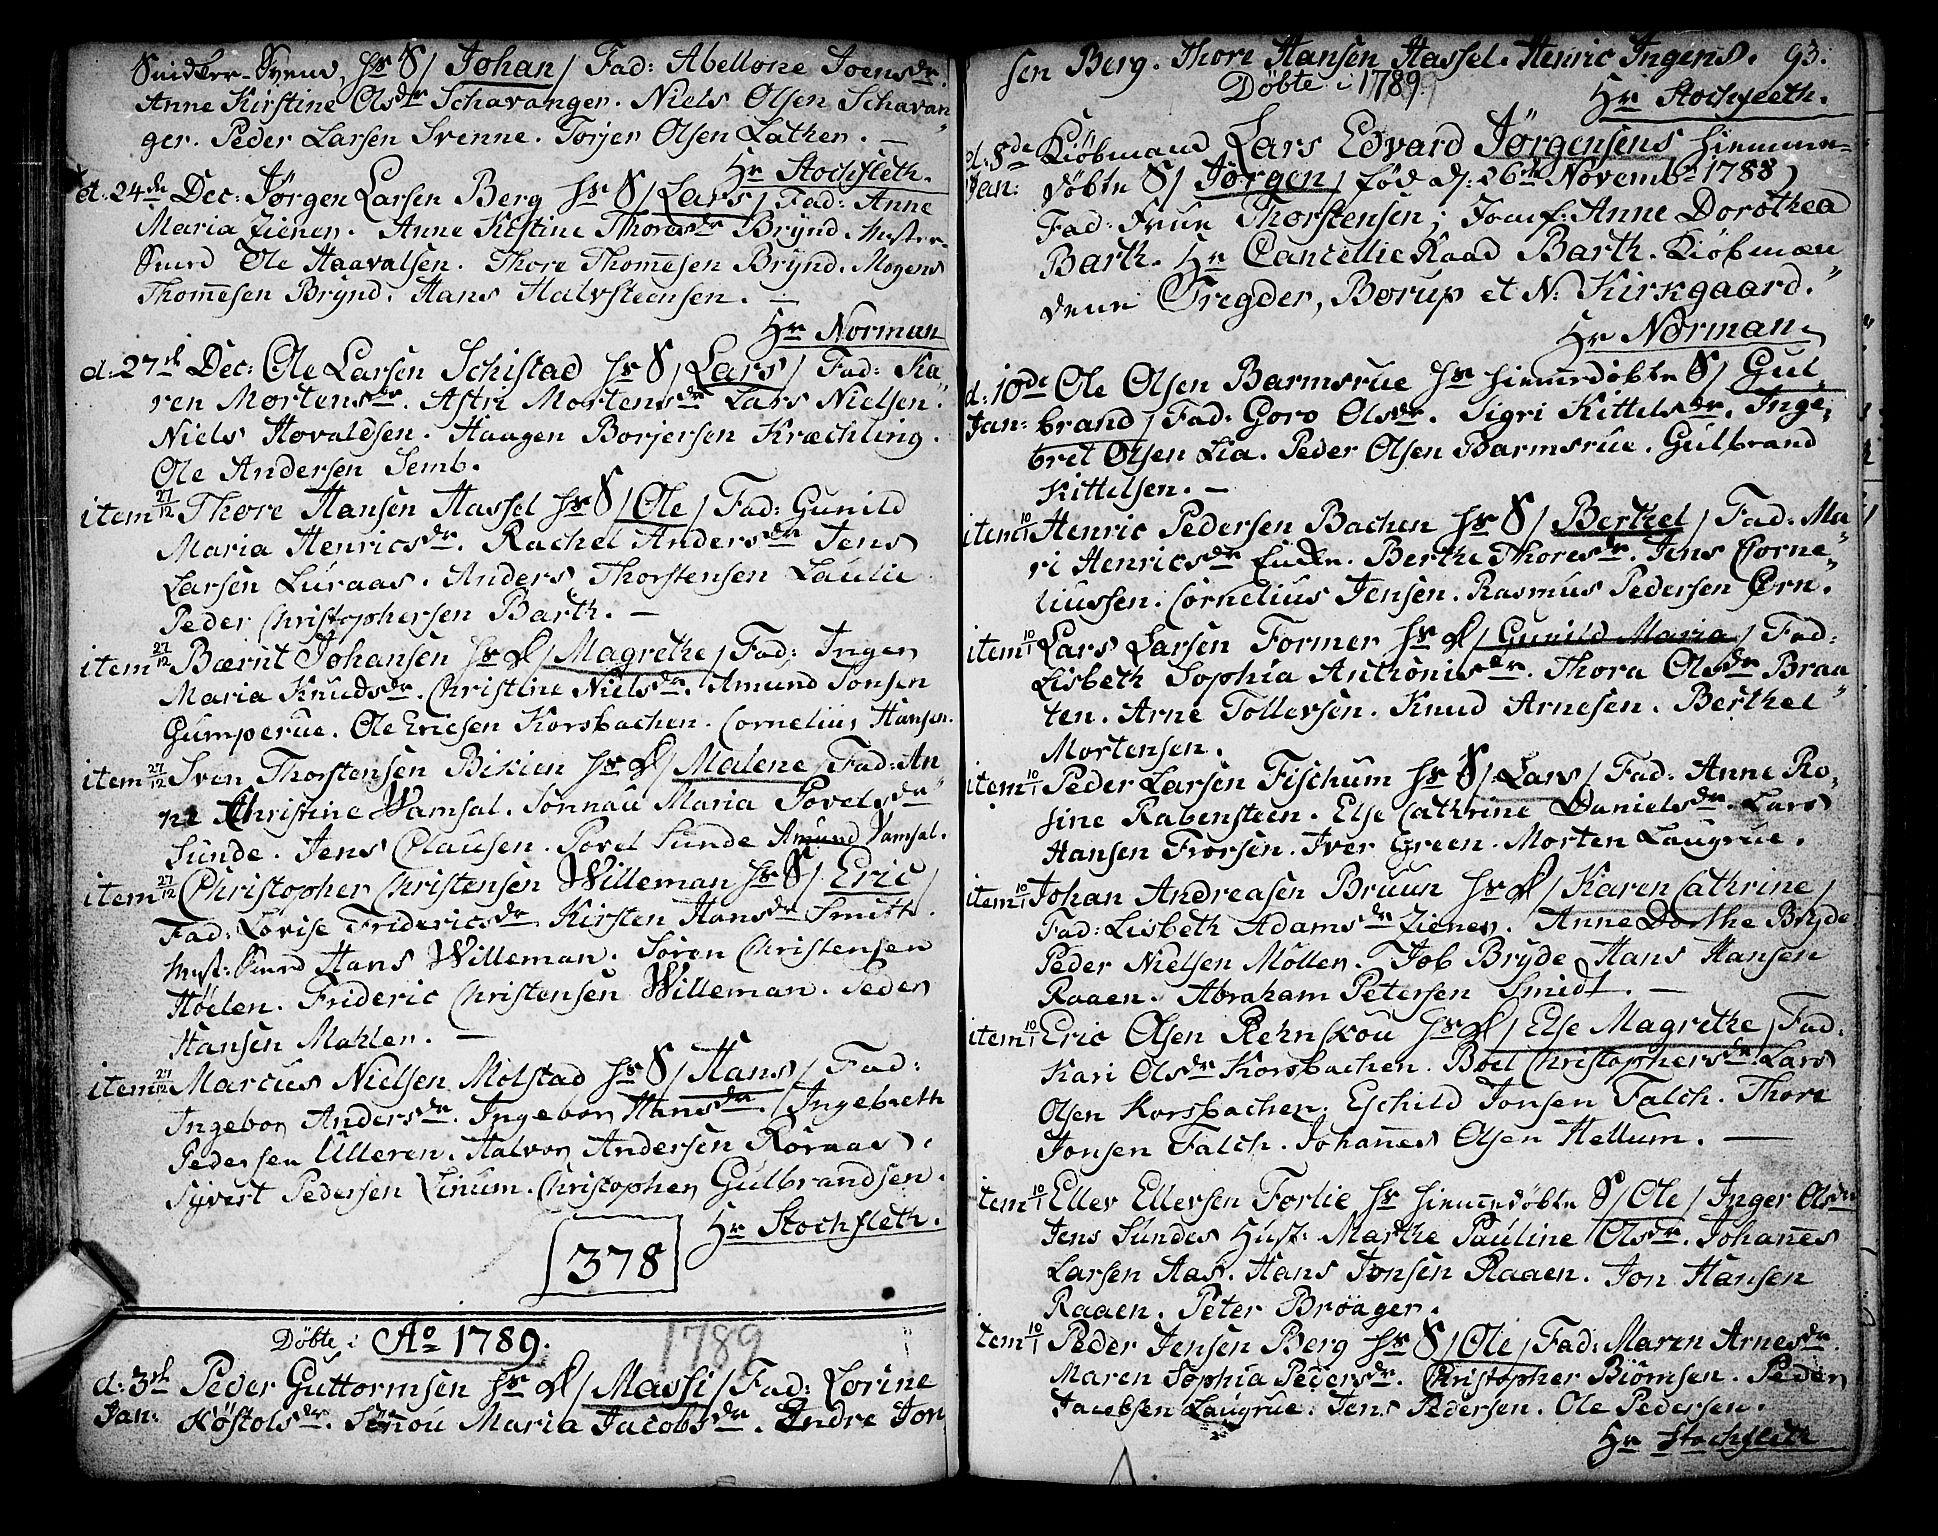 SAKO, Kongsberg kirkebøker, F/Fa/L0006: Ministerialbok nr. I 6, 1783-1797, s. 93